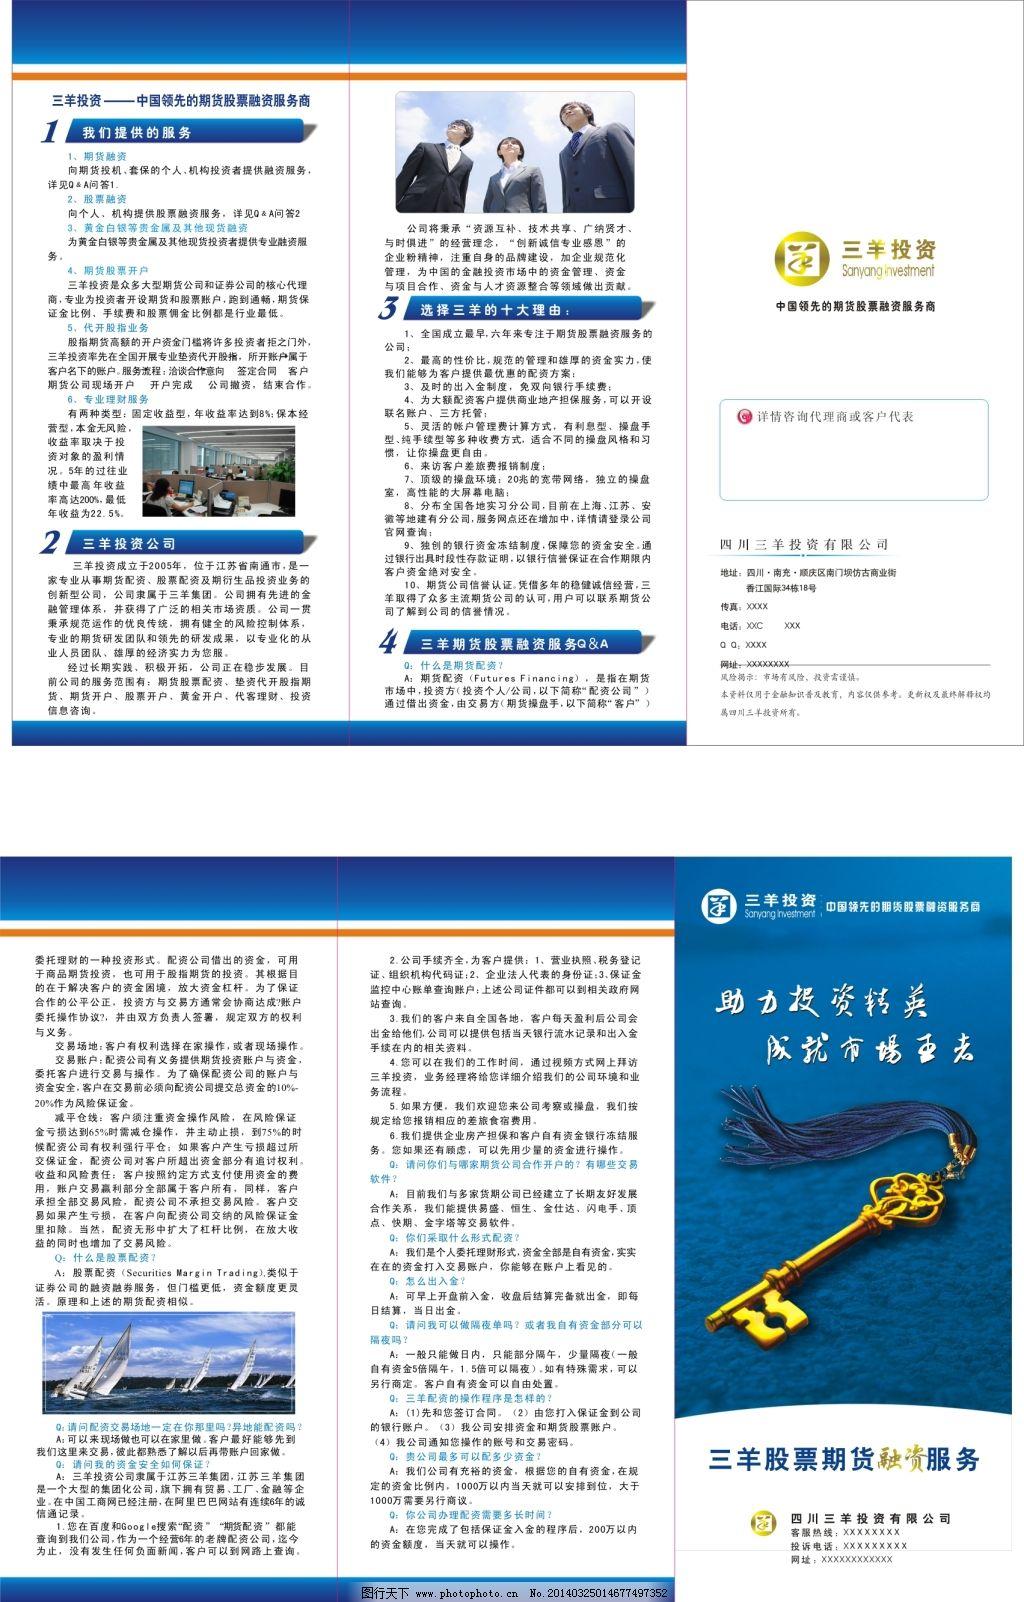 三洋投资 三洋投资免费下载 金钥匙 投资理财三折页 三洋标志 原创设计